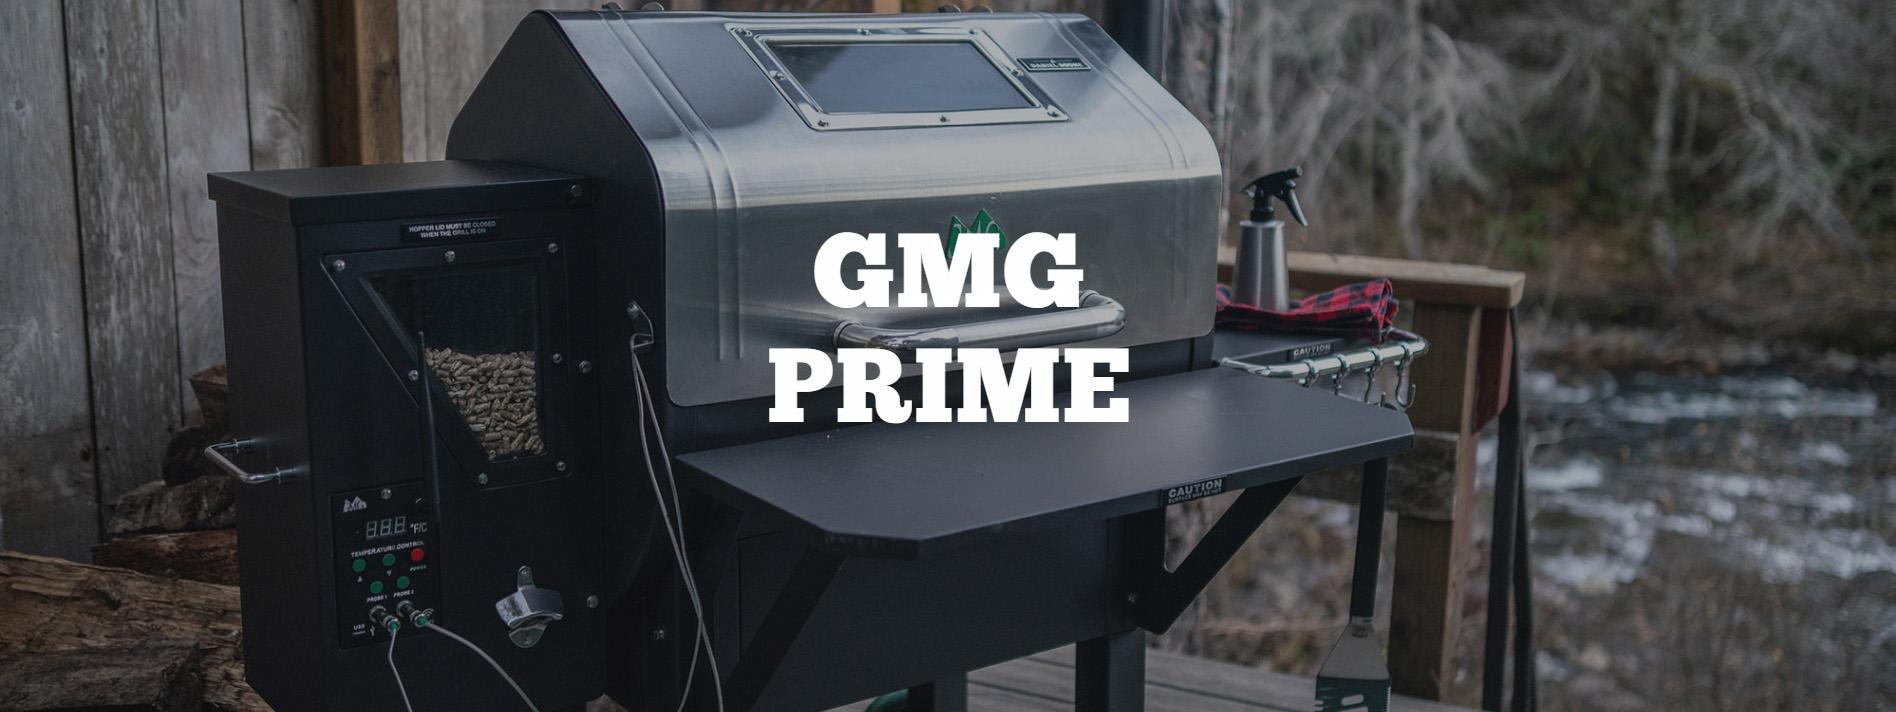 gmg-prime.jpg